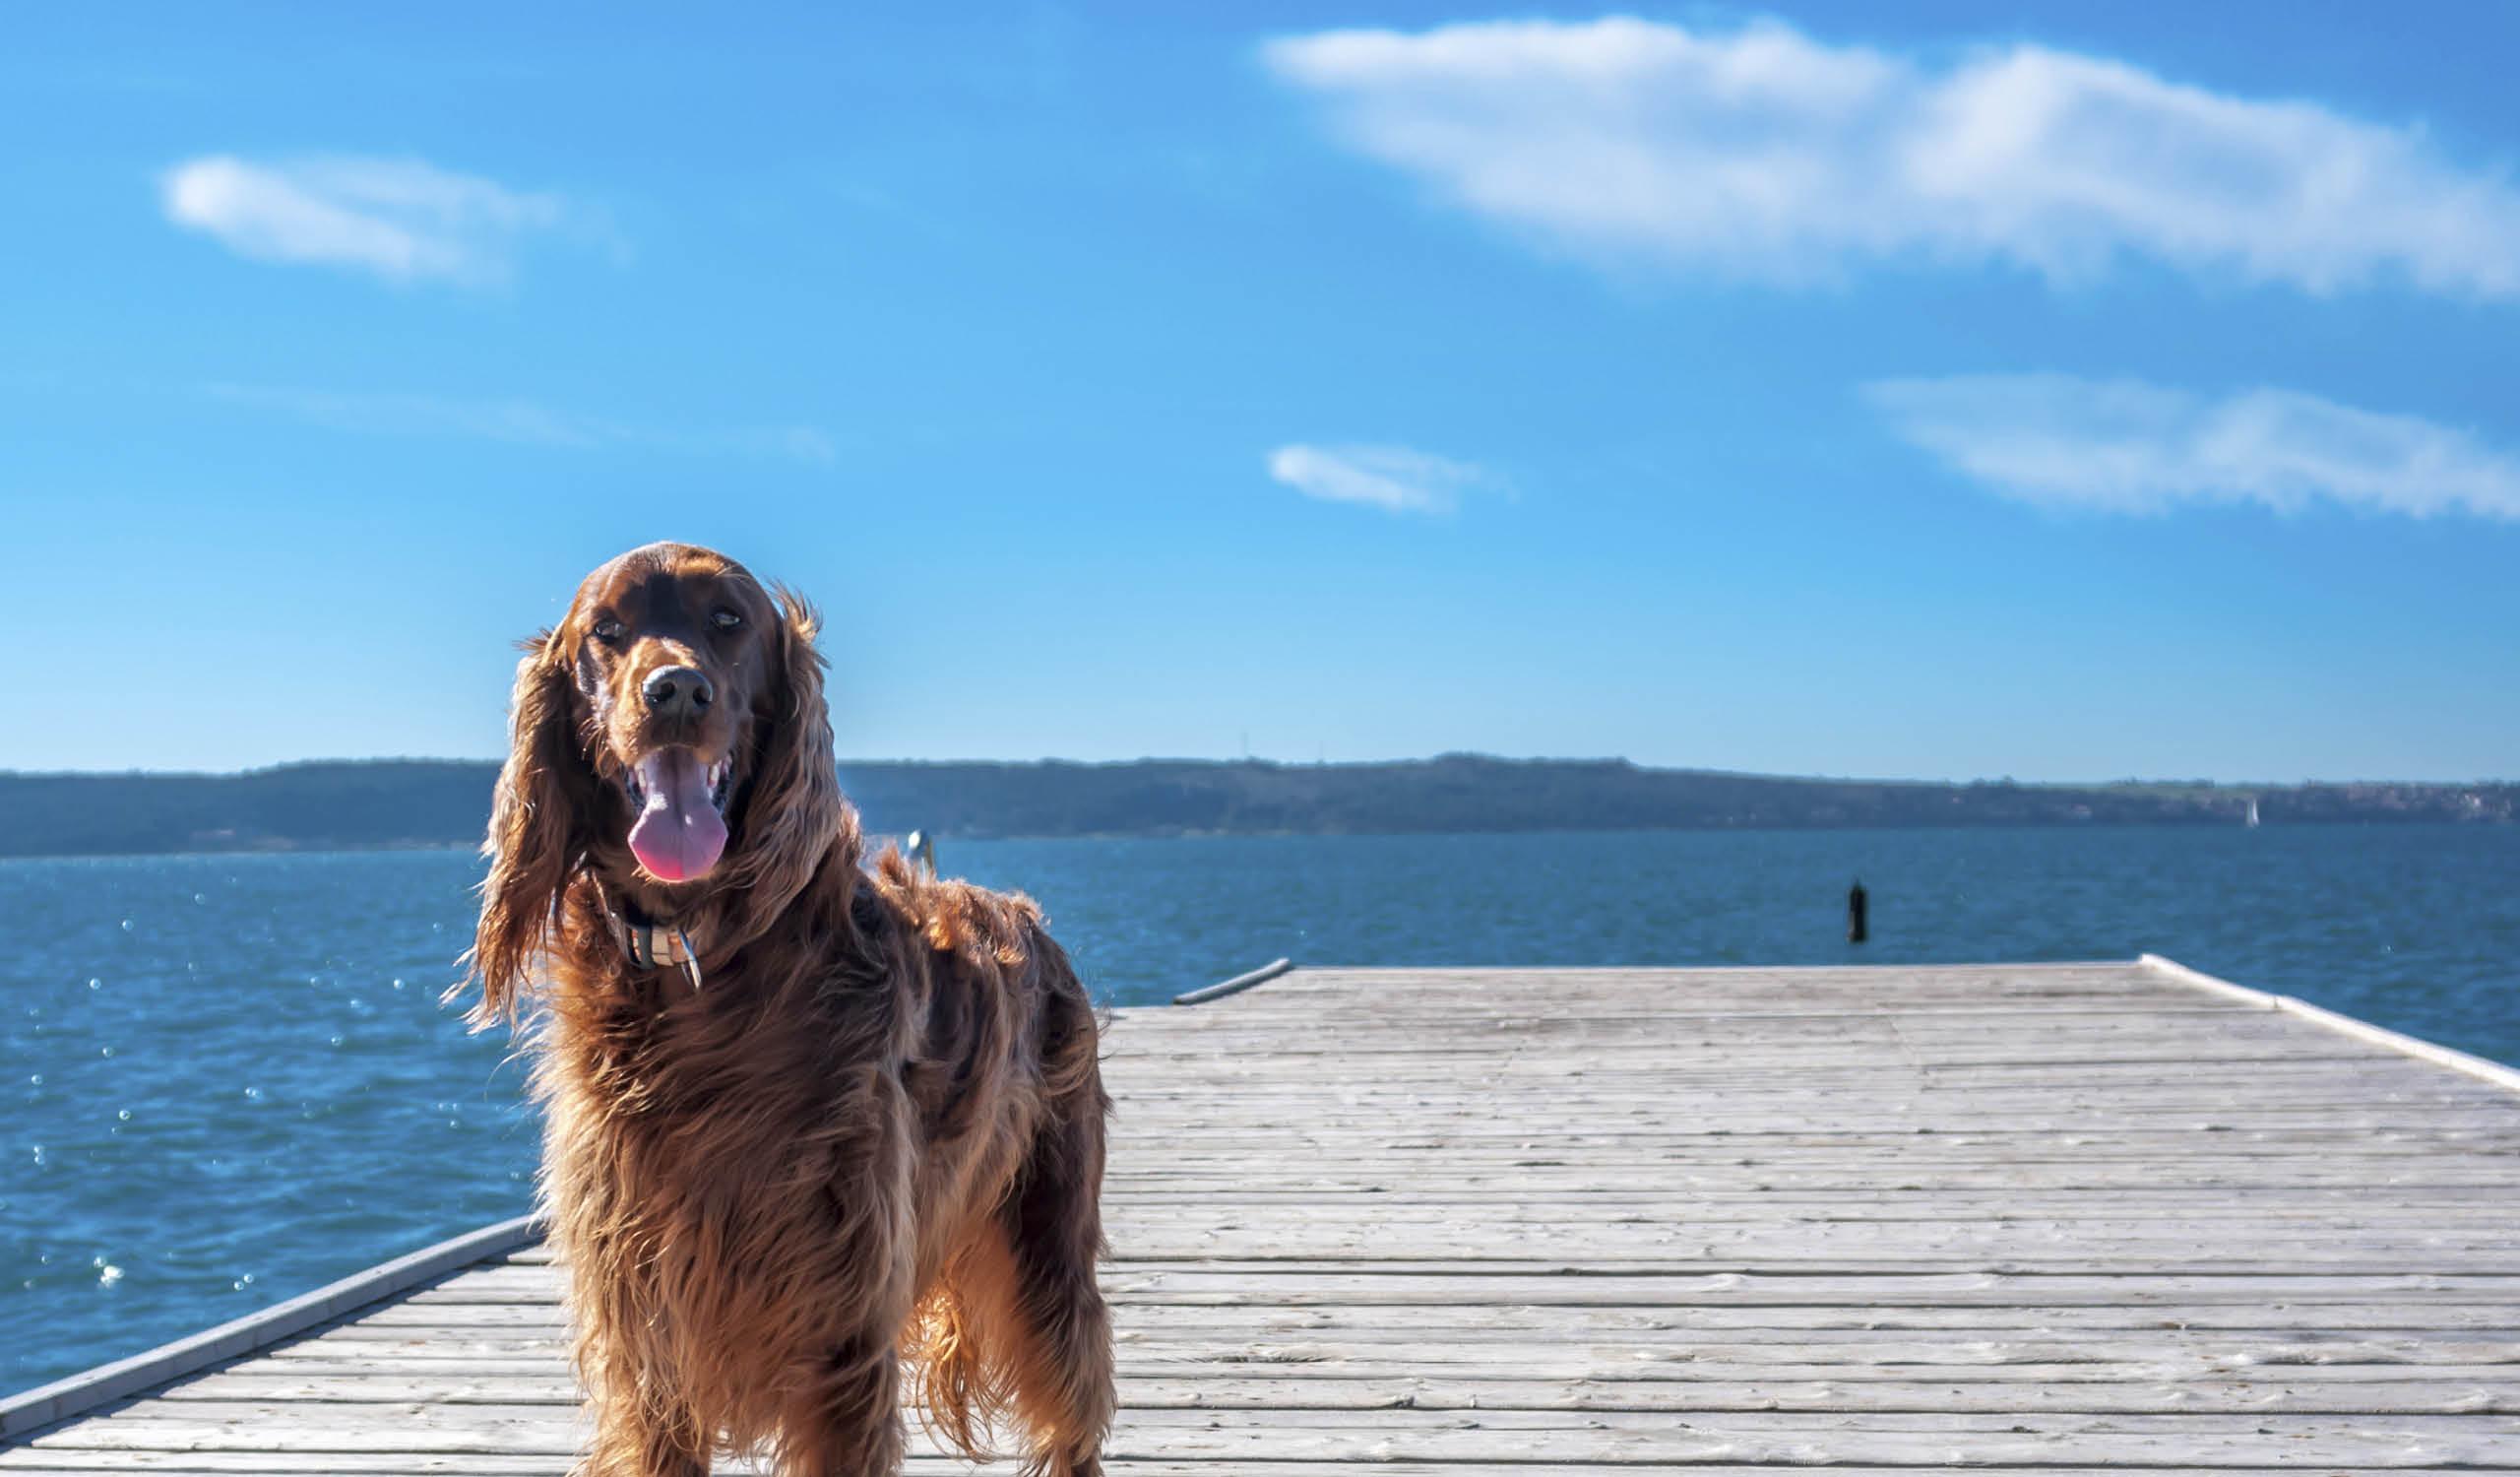 sommarhund brygga vatten